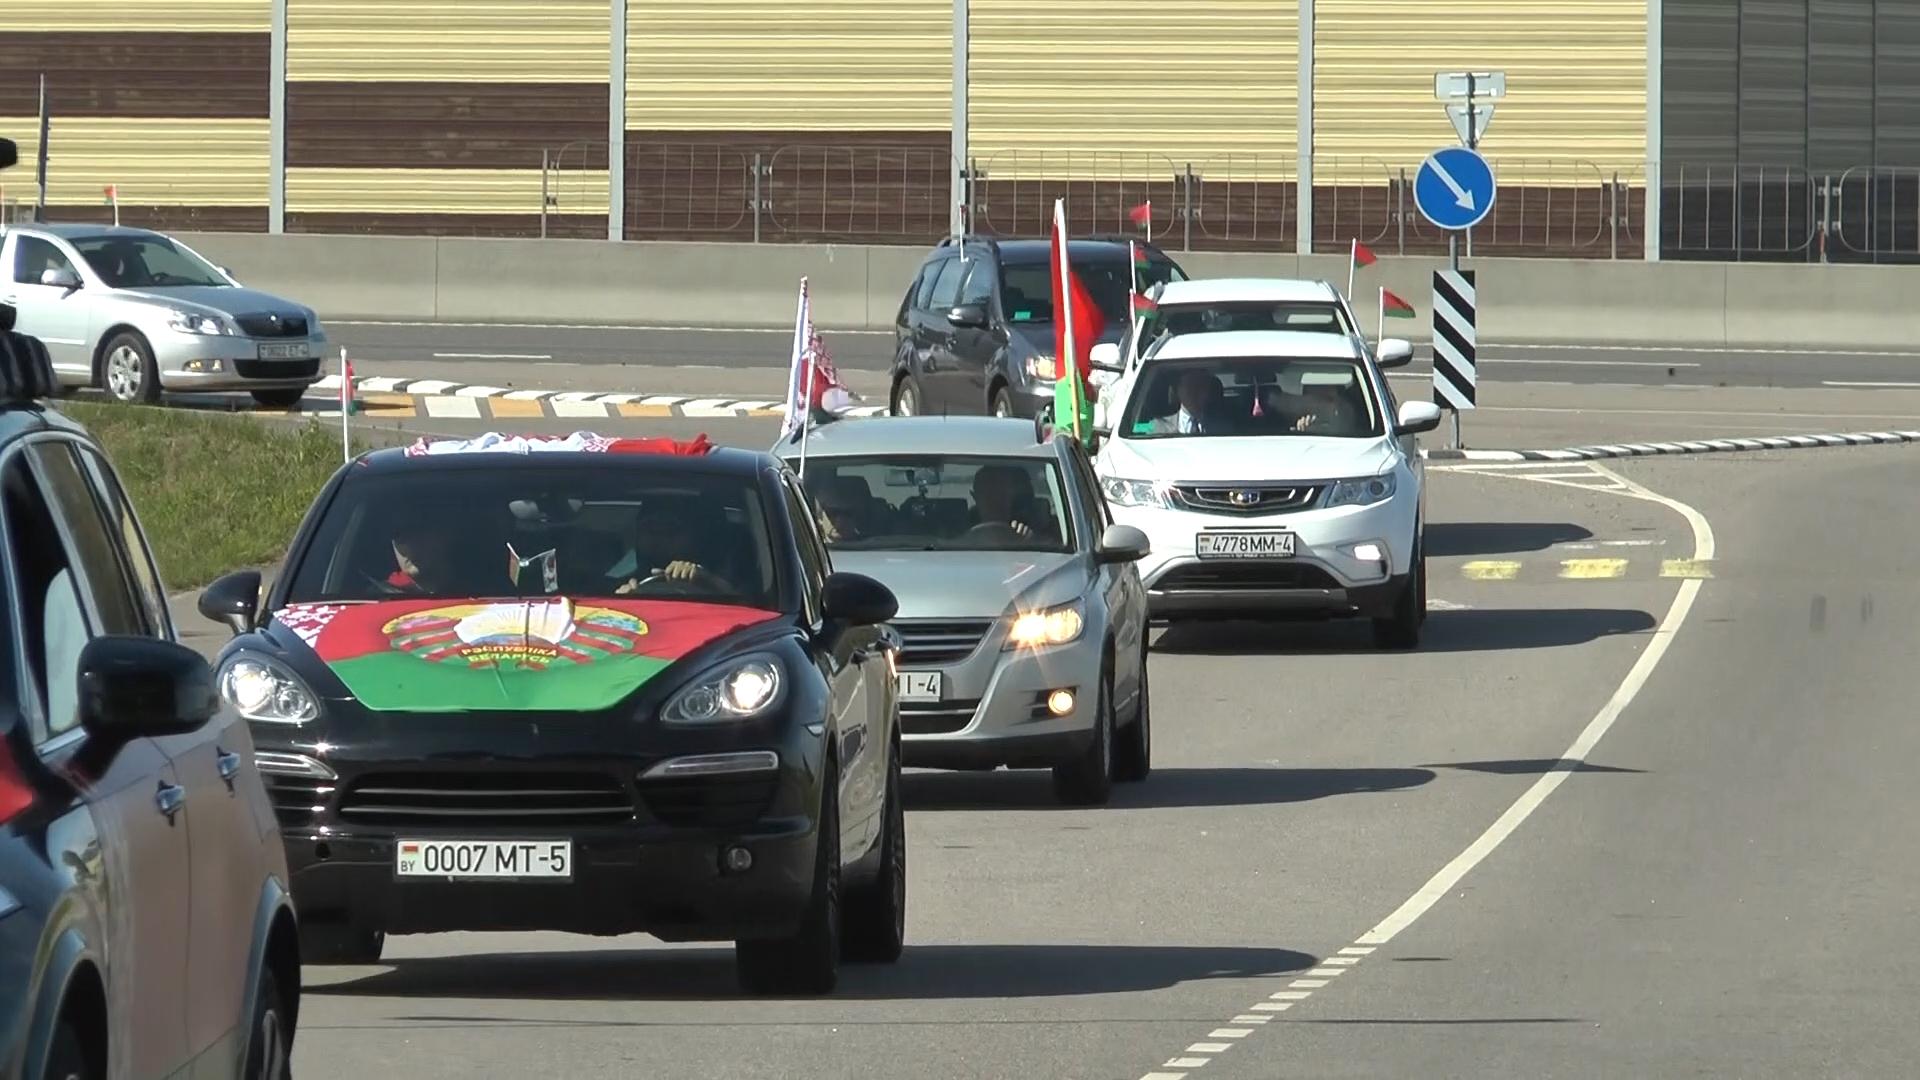 """Автопробег """"Символ единства"""" близится к финишу! Сегодня заключительный день патриотического марафона."""